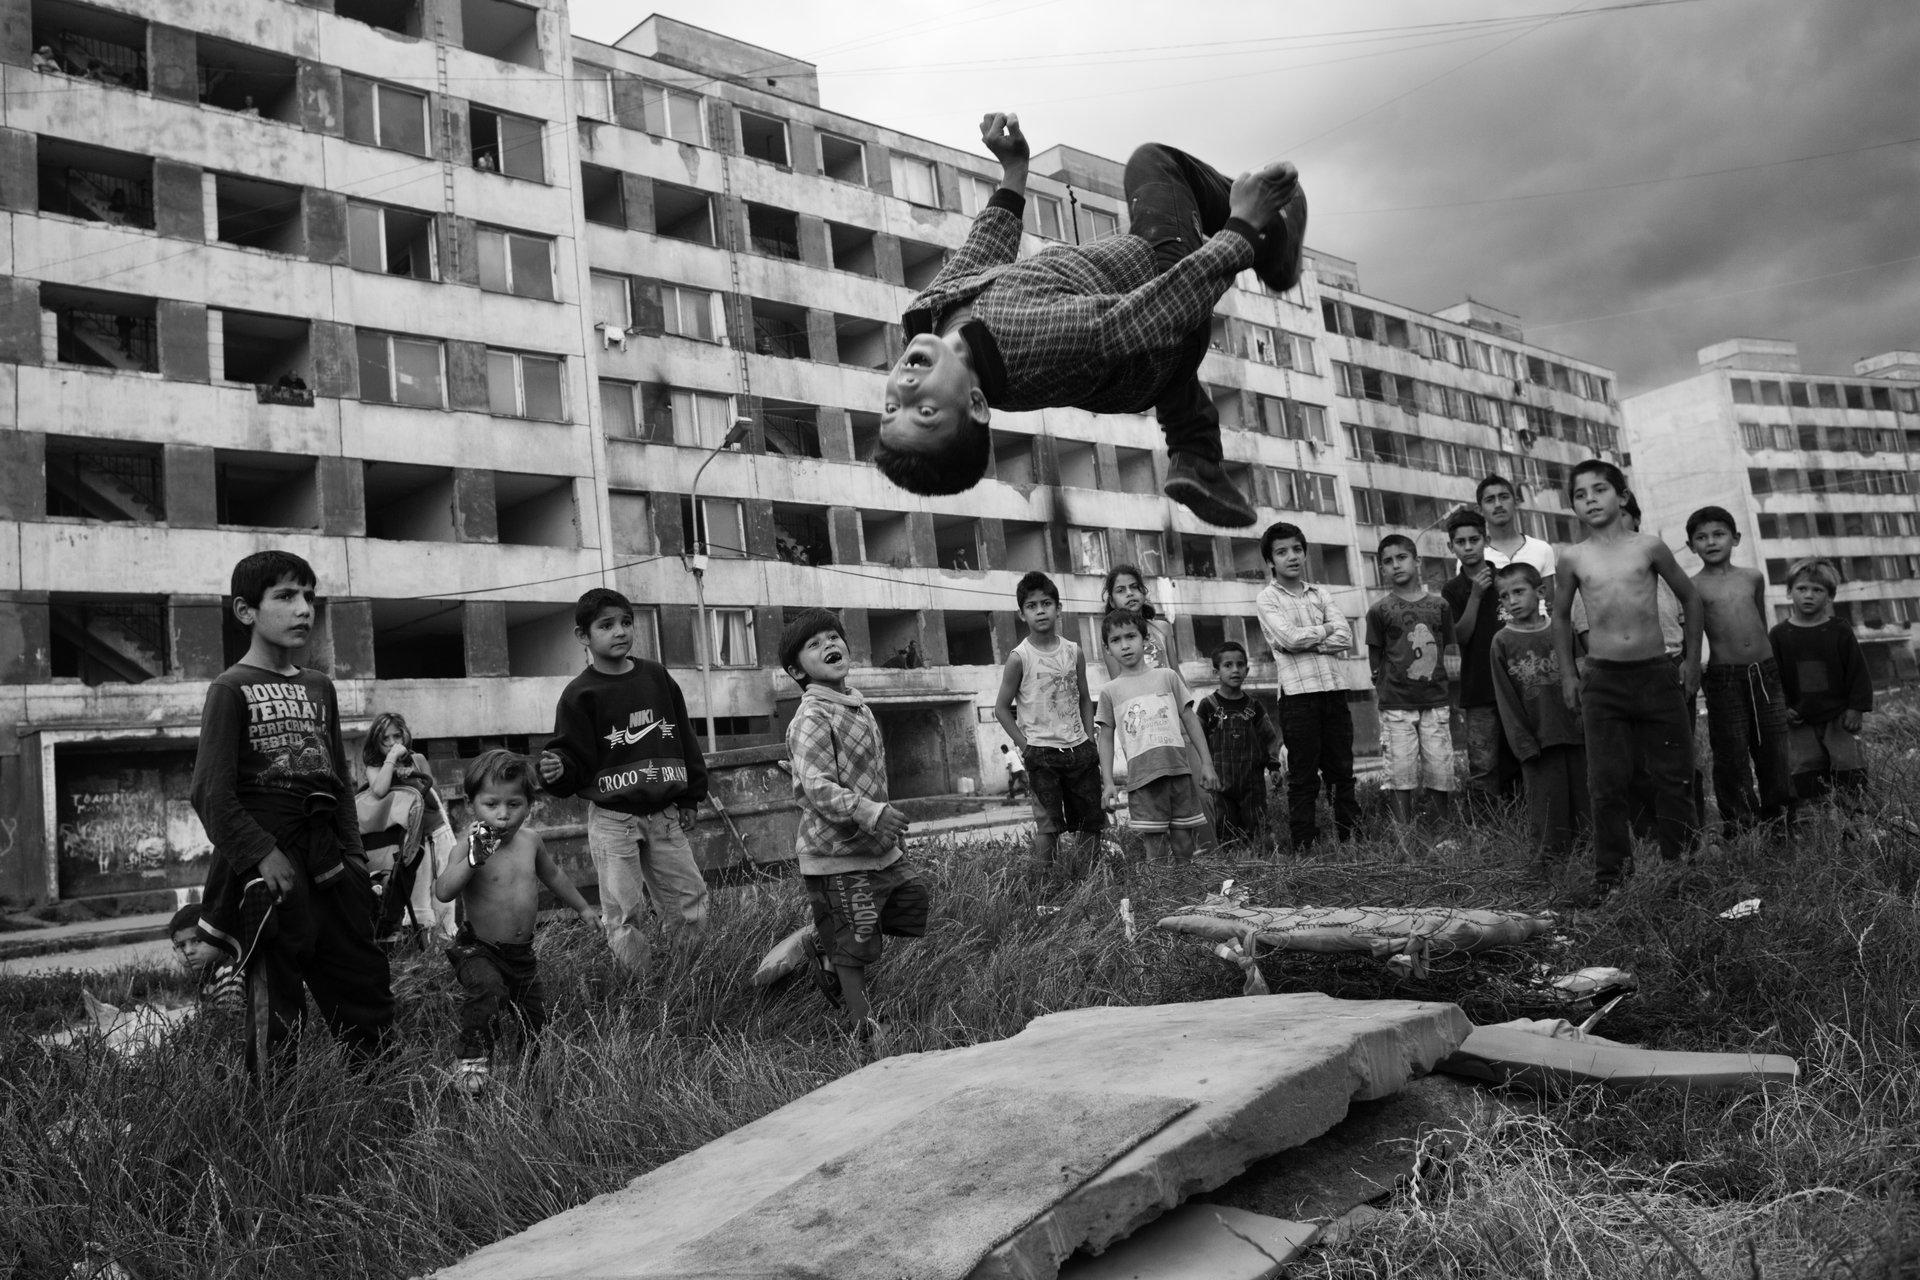 Fotodokumentation av situationen för romer i tio europeiska länder